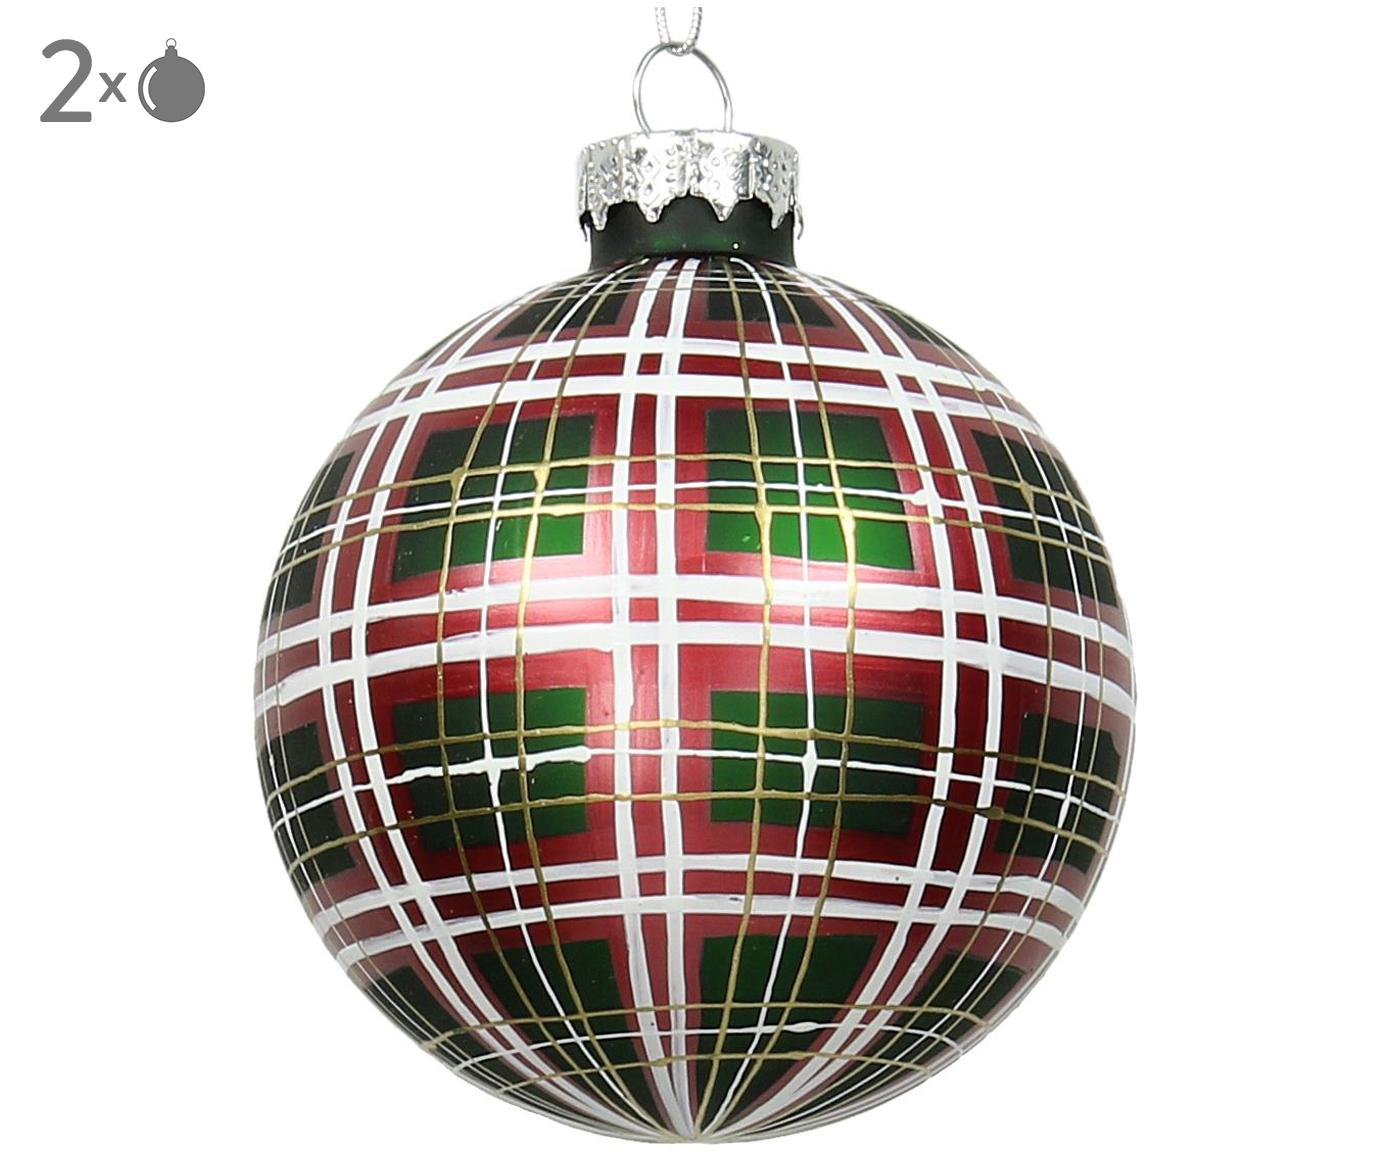 Kerstballen Karo, 2 stuks, Groen, rood, wit, goudkleurig, Ø 9 cm